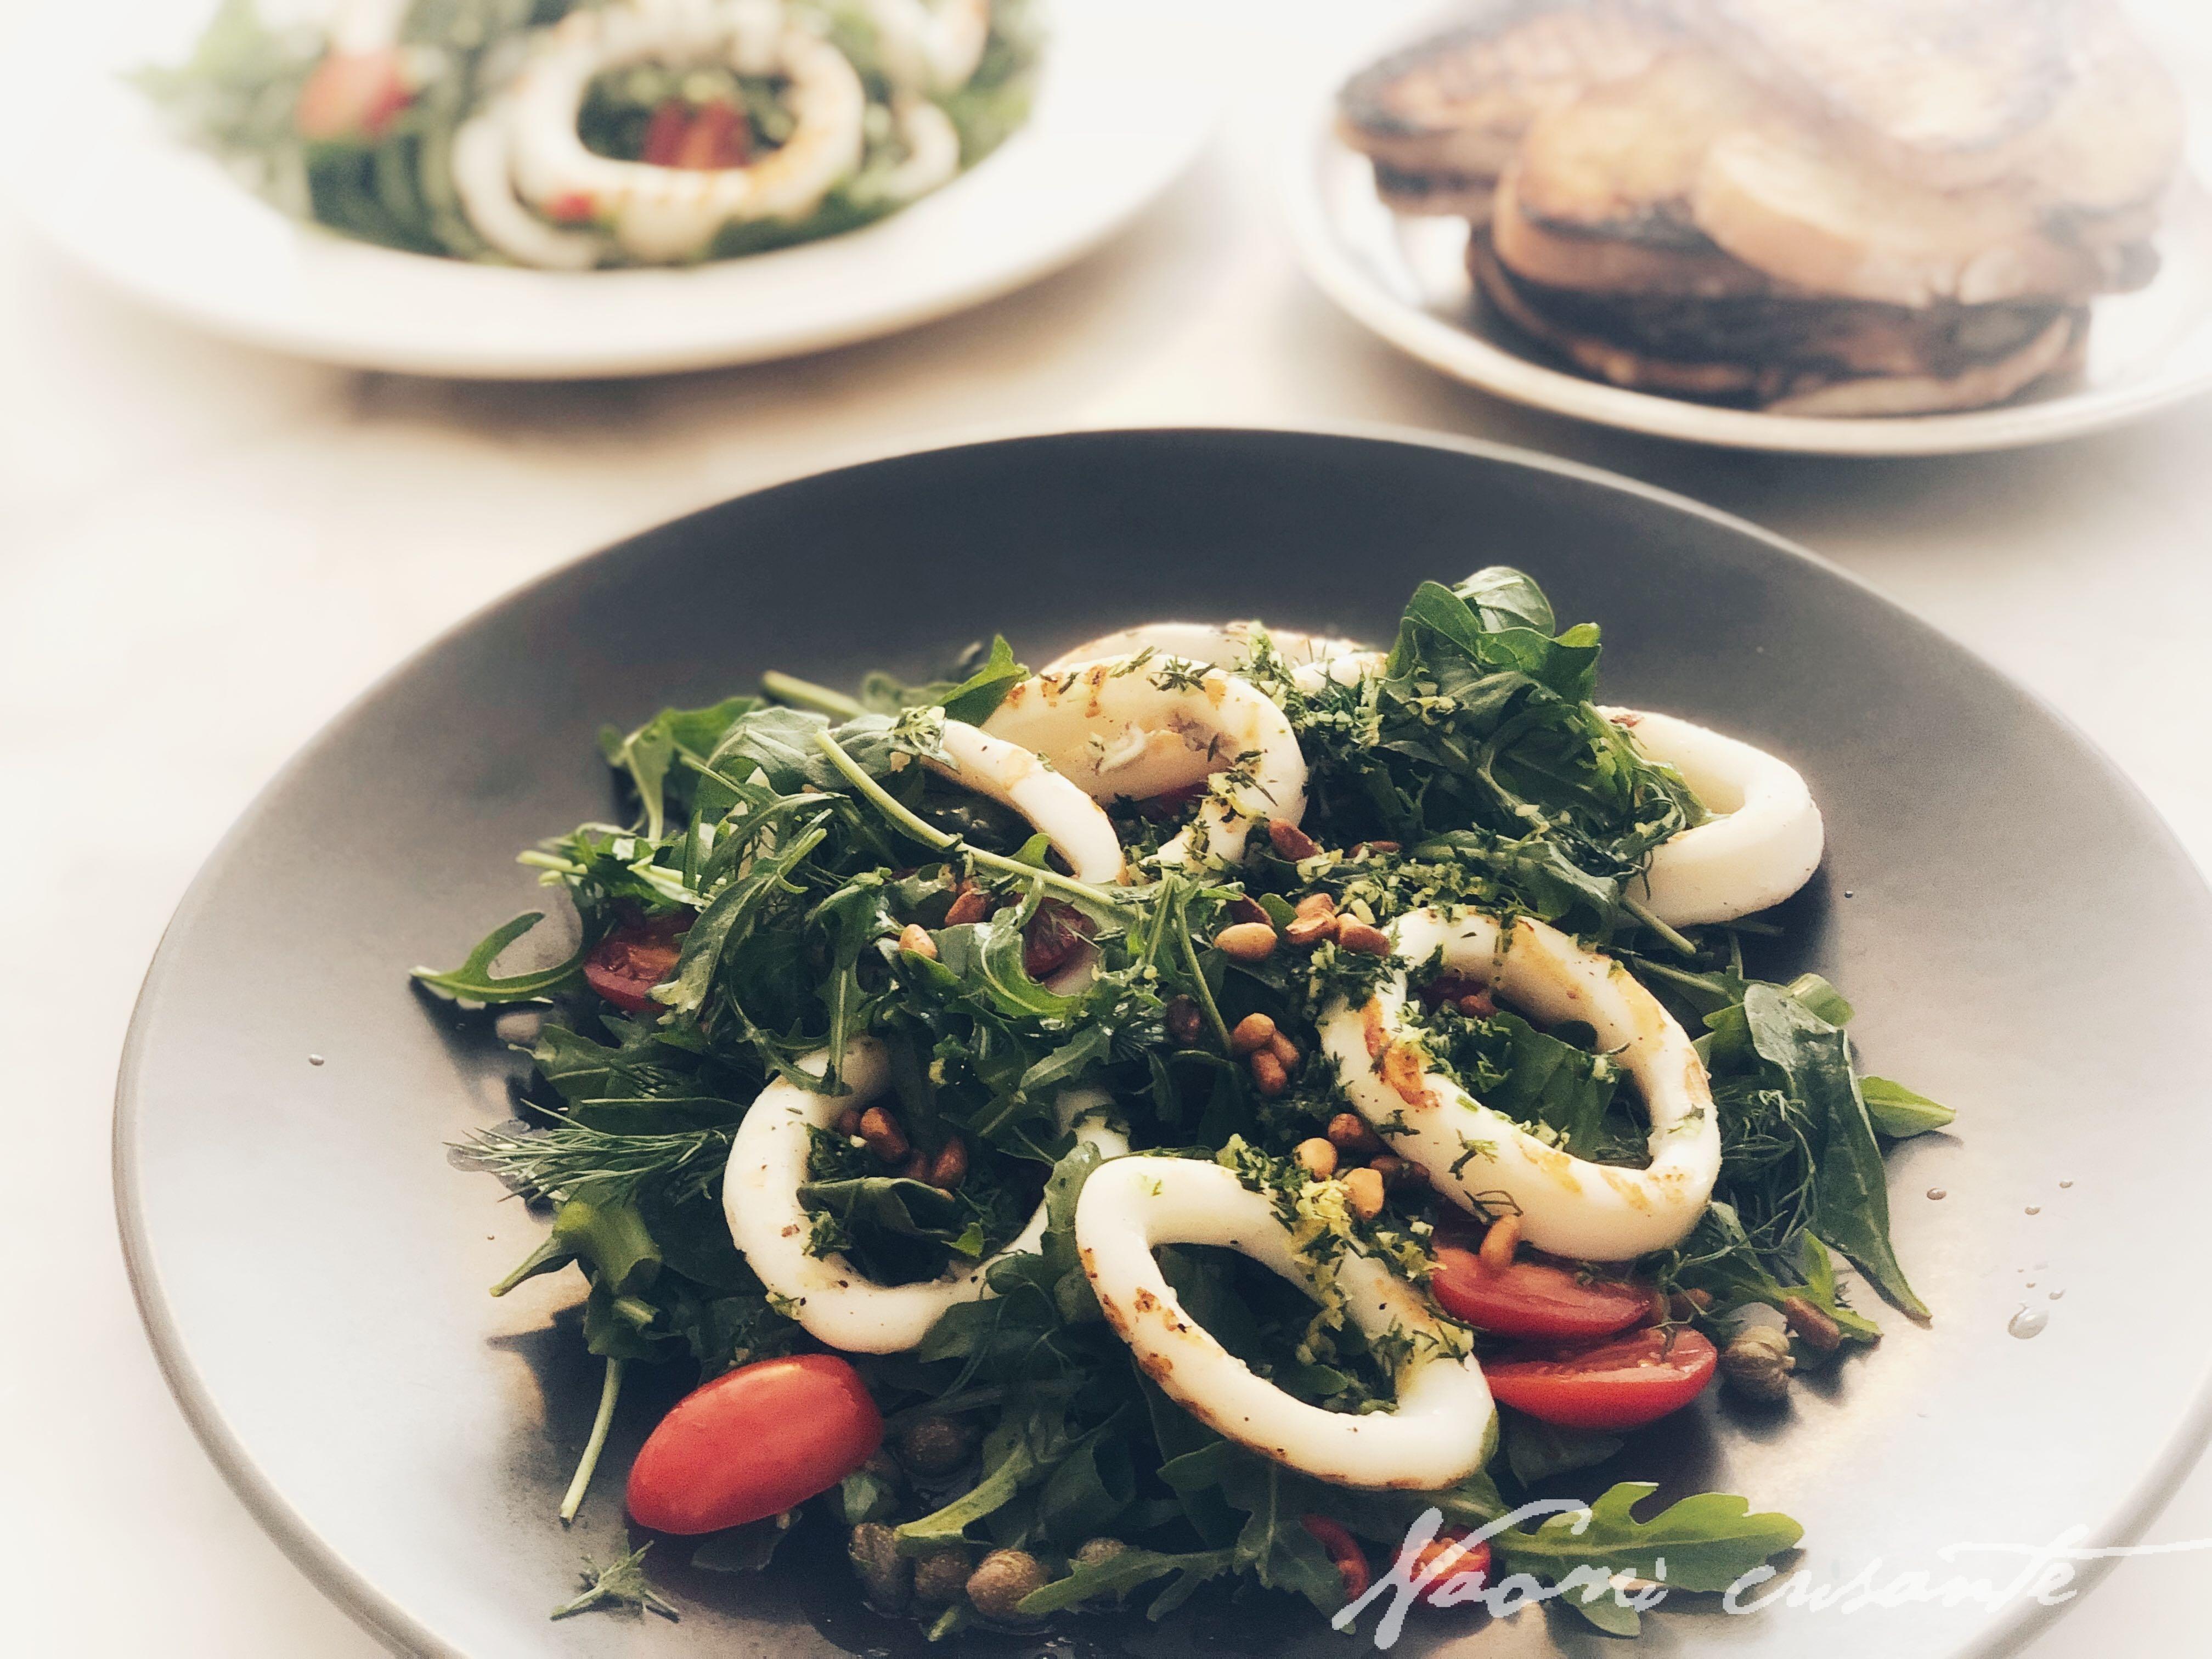 Calamari and Rocket Salad with Dill Gremolata